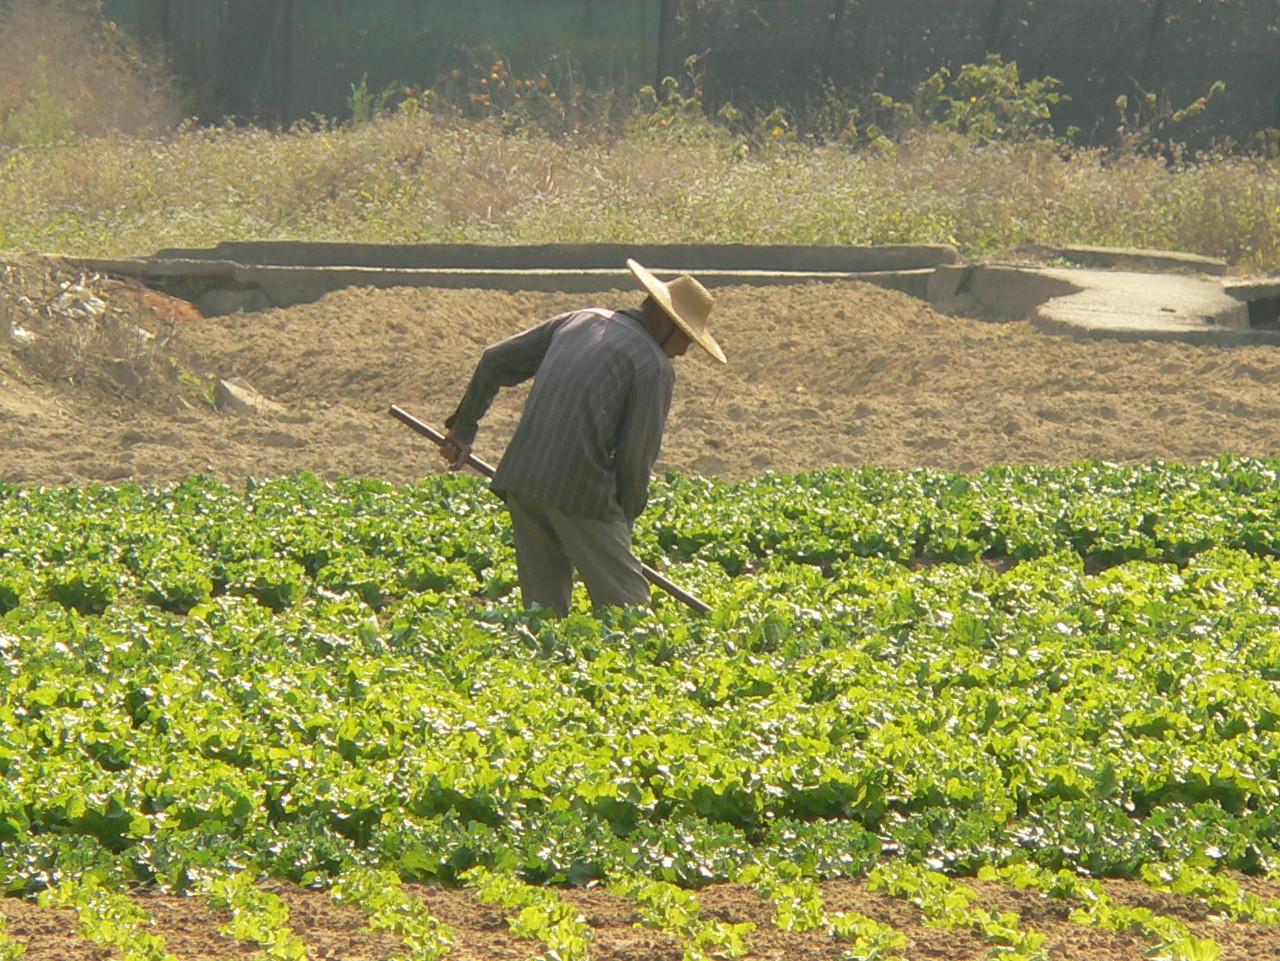 070206_Sheung-Shui_Ying-Pun_Farmer-in-Field_2